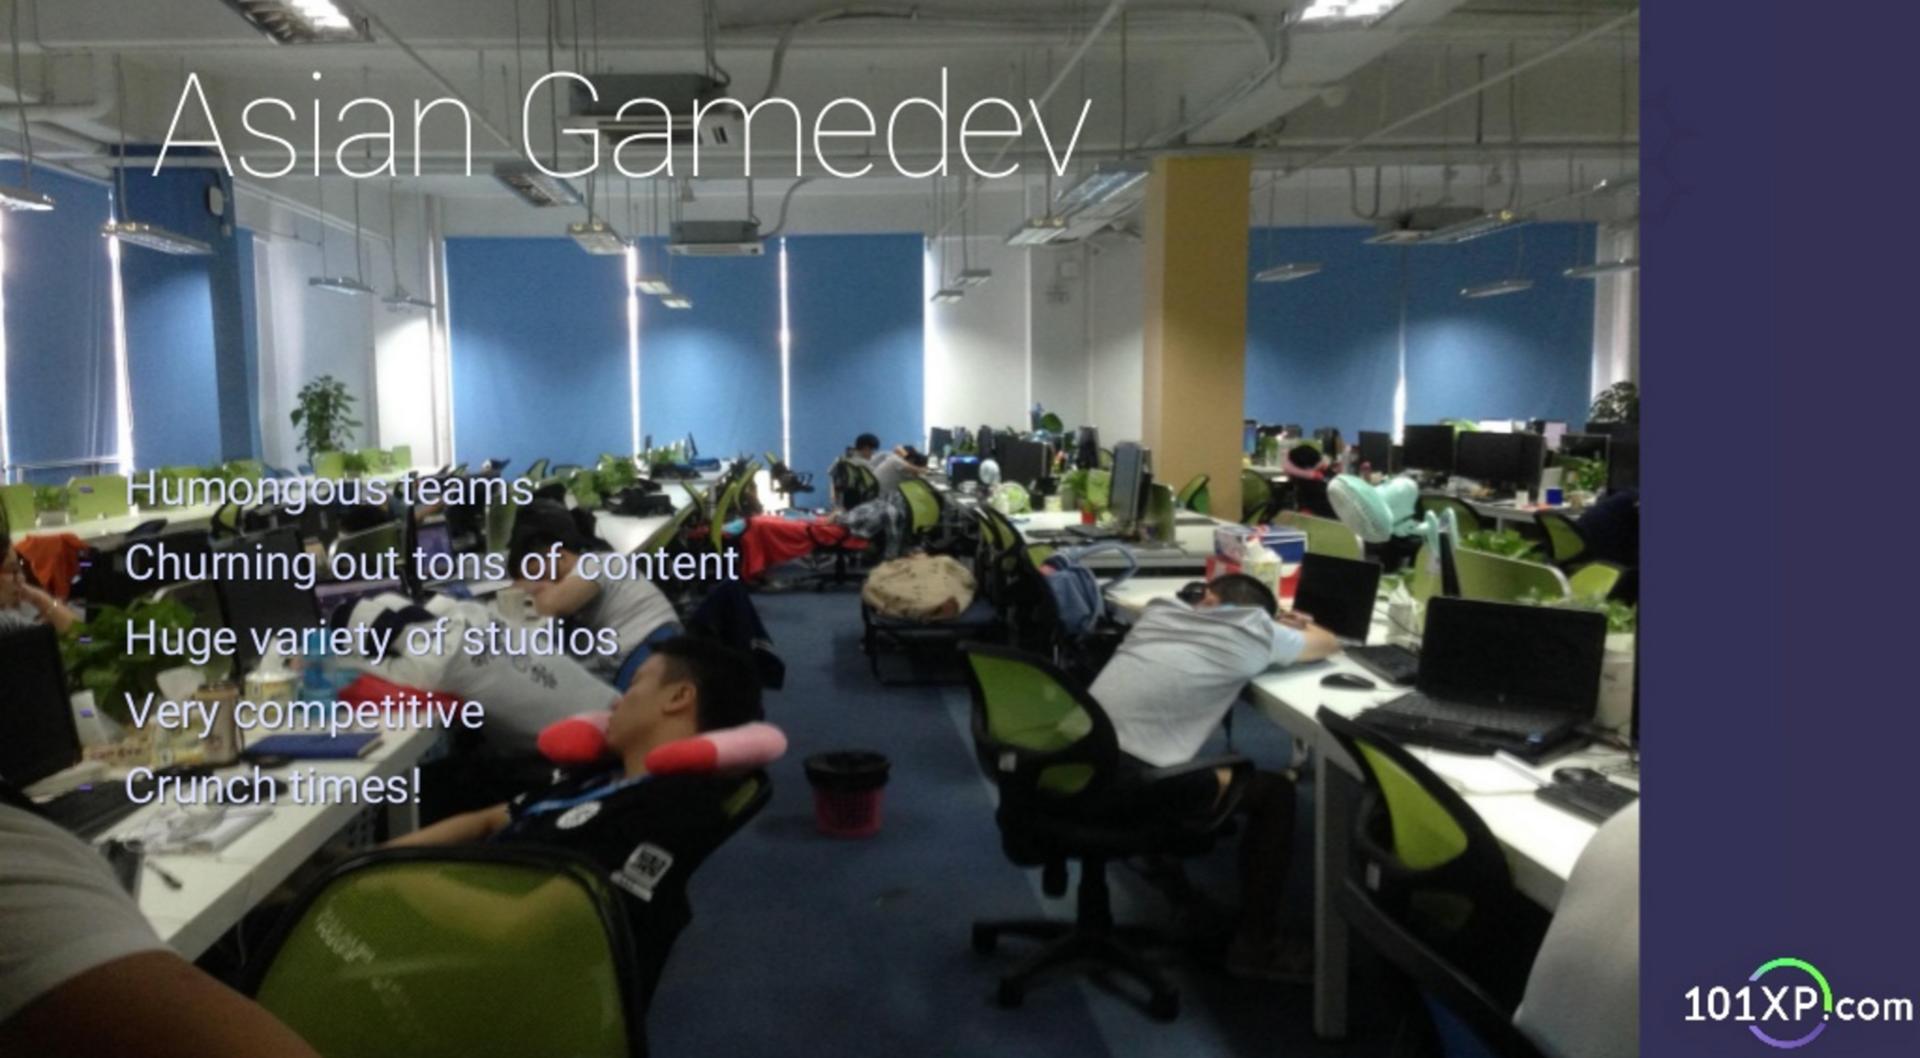 Продвижение мобильных игр на азиатском рынке. Интервью с Ильей Саламатовым, 101XP - 3